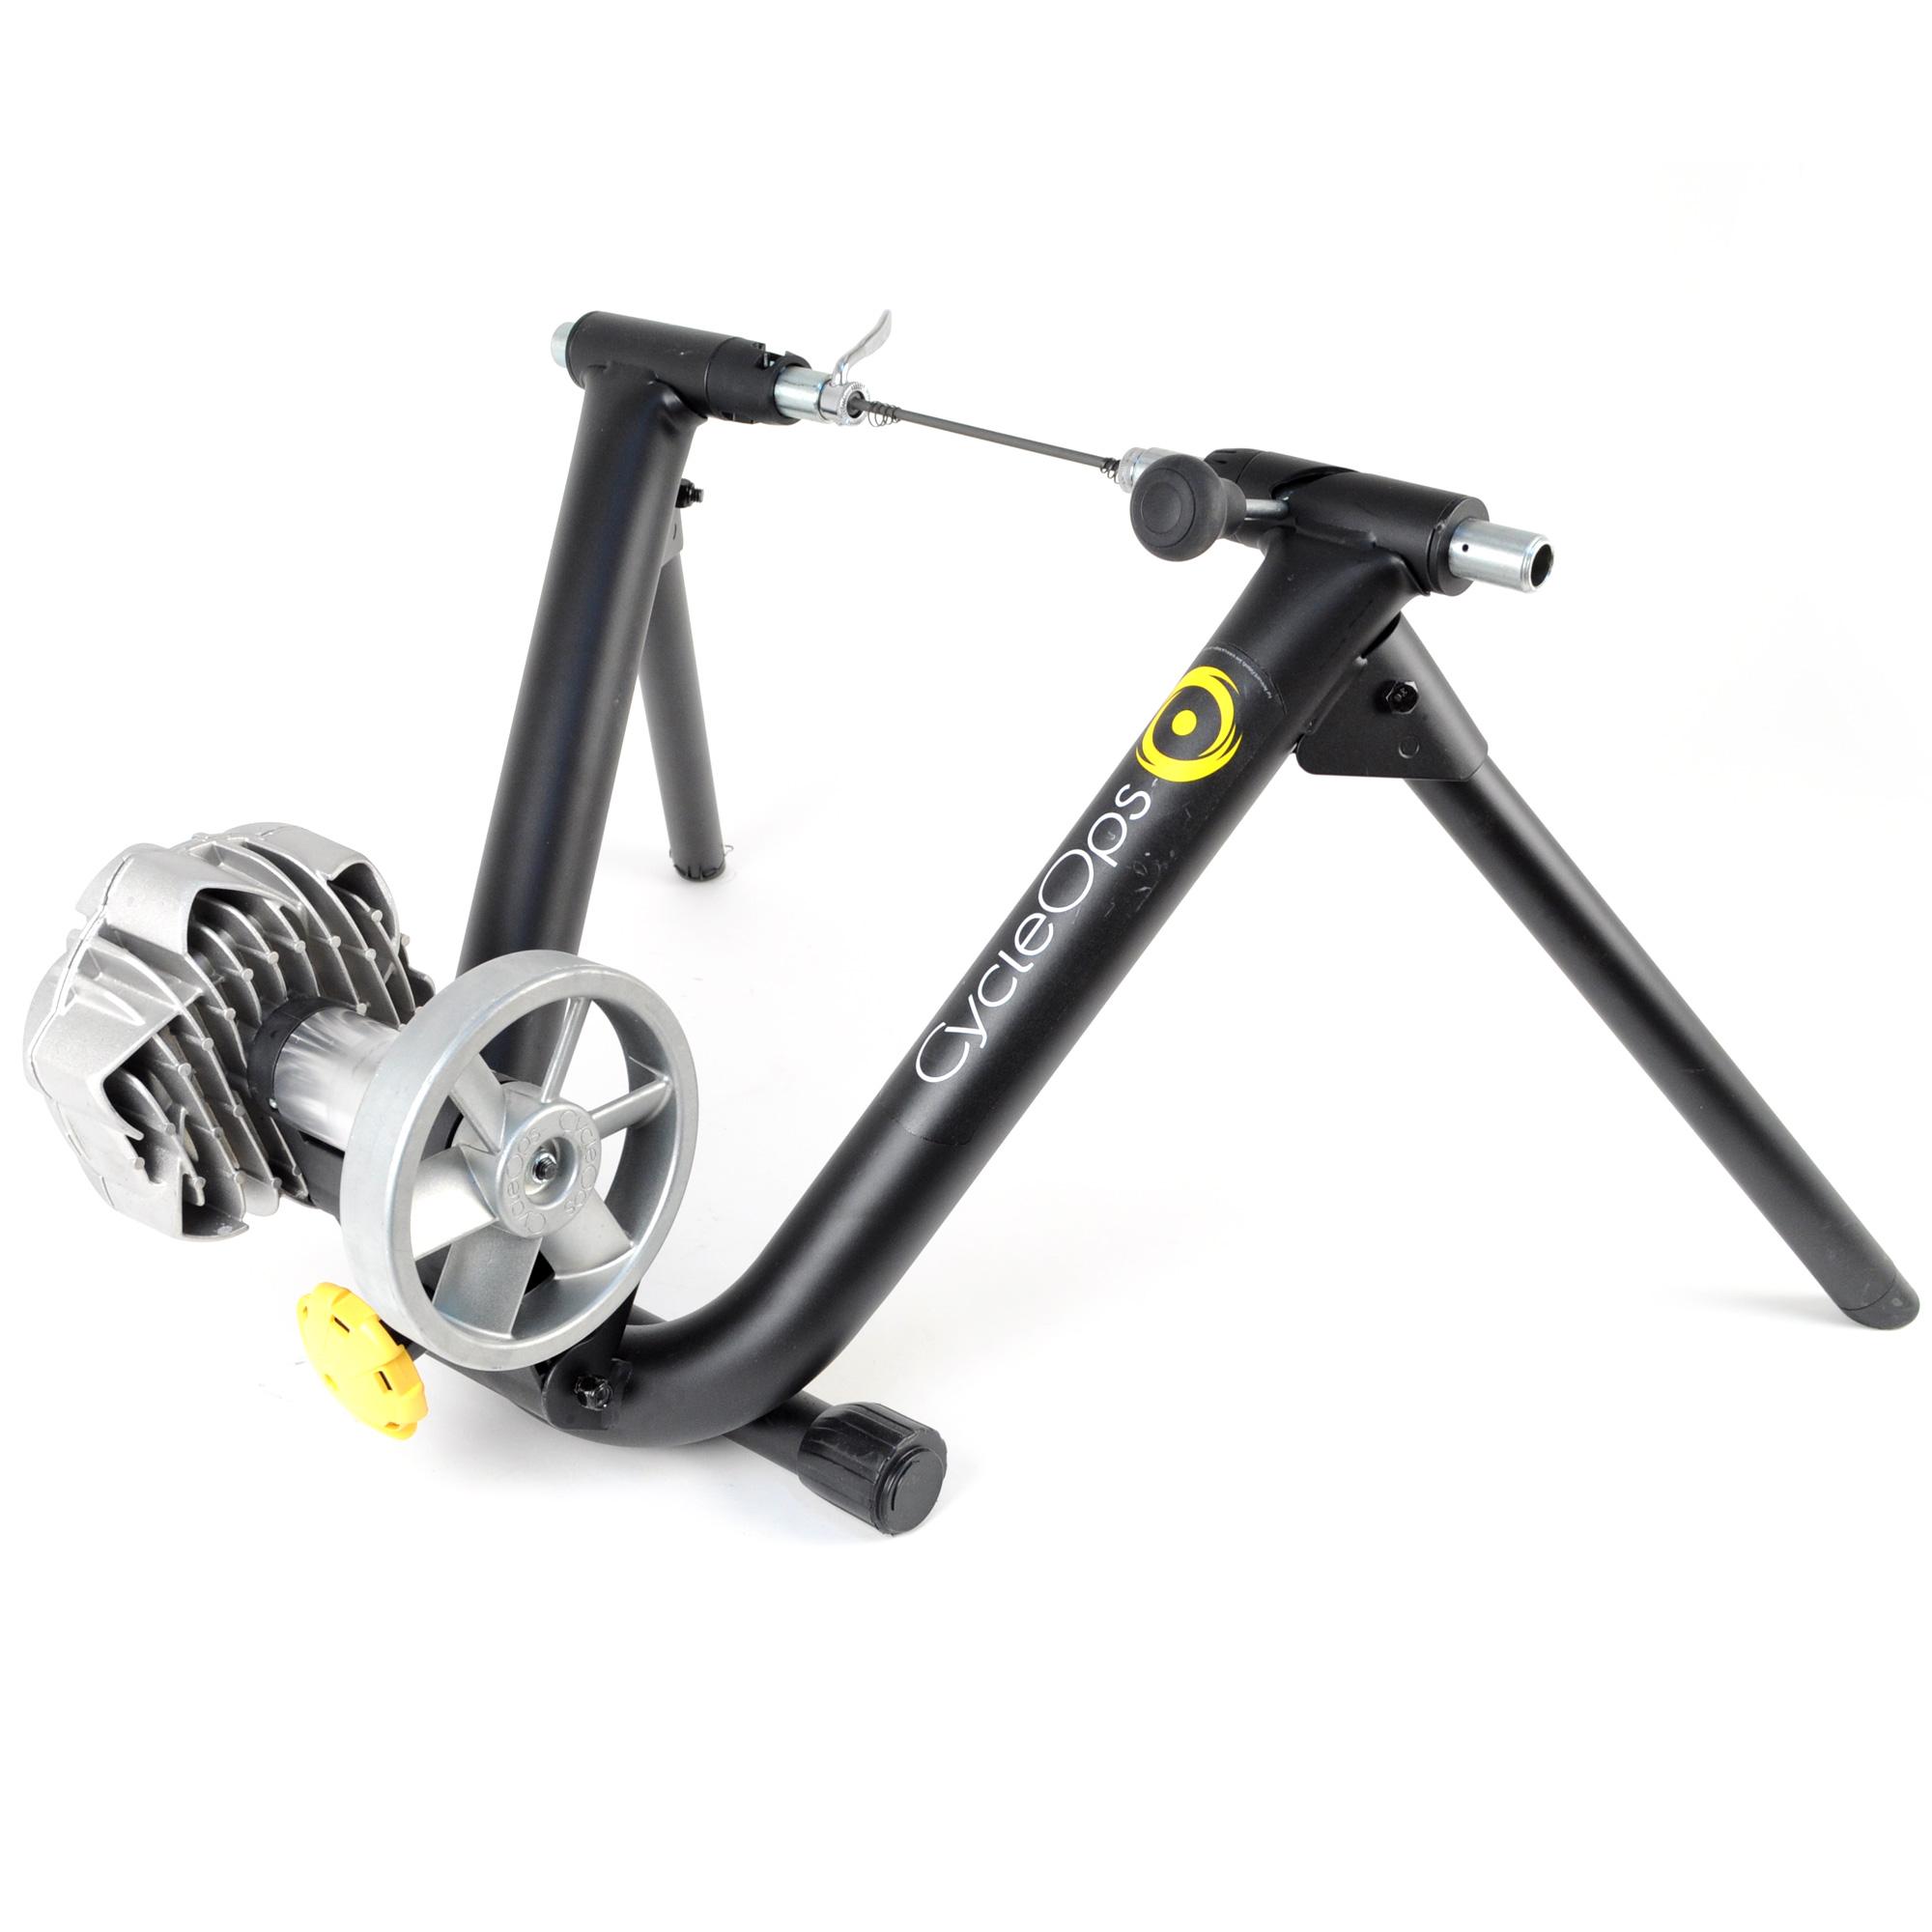 Cycleops Fluid 2 Kijiji: CycleOps 9904 Fluid Indoor Bicycle Trainer Black